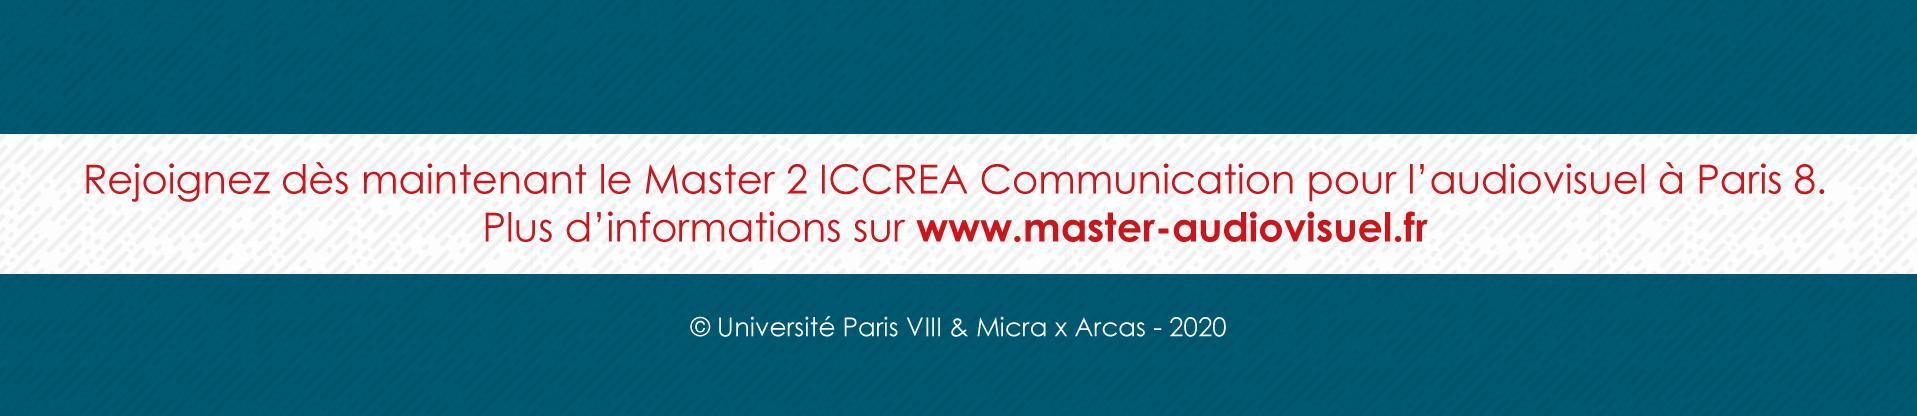 Pourquoi rejoindre le Master 2 Industrie Audiovisuelle de Paris 8 - Footer